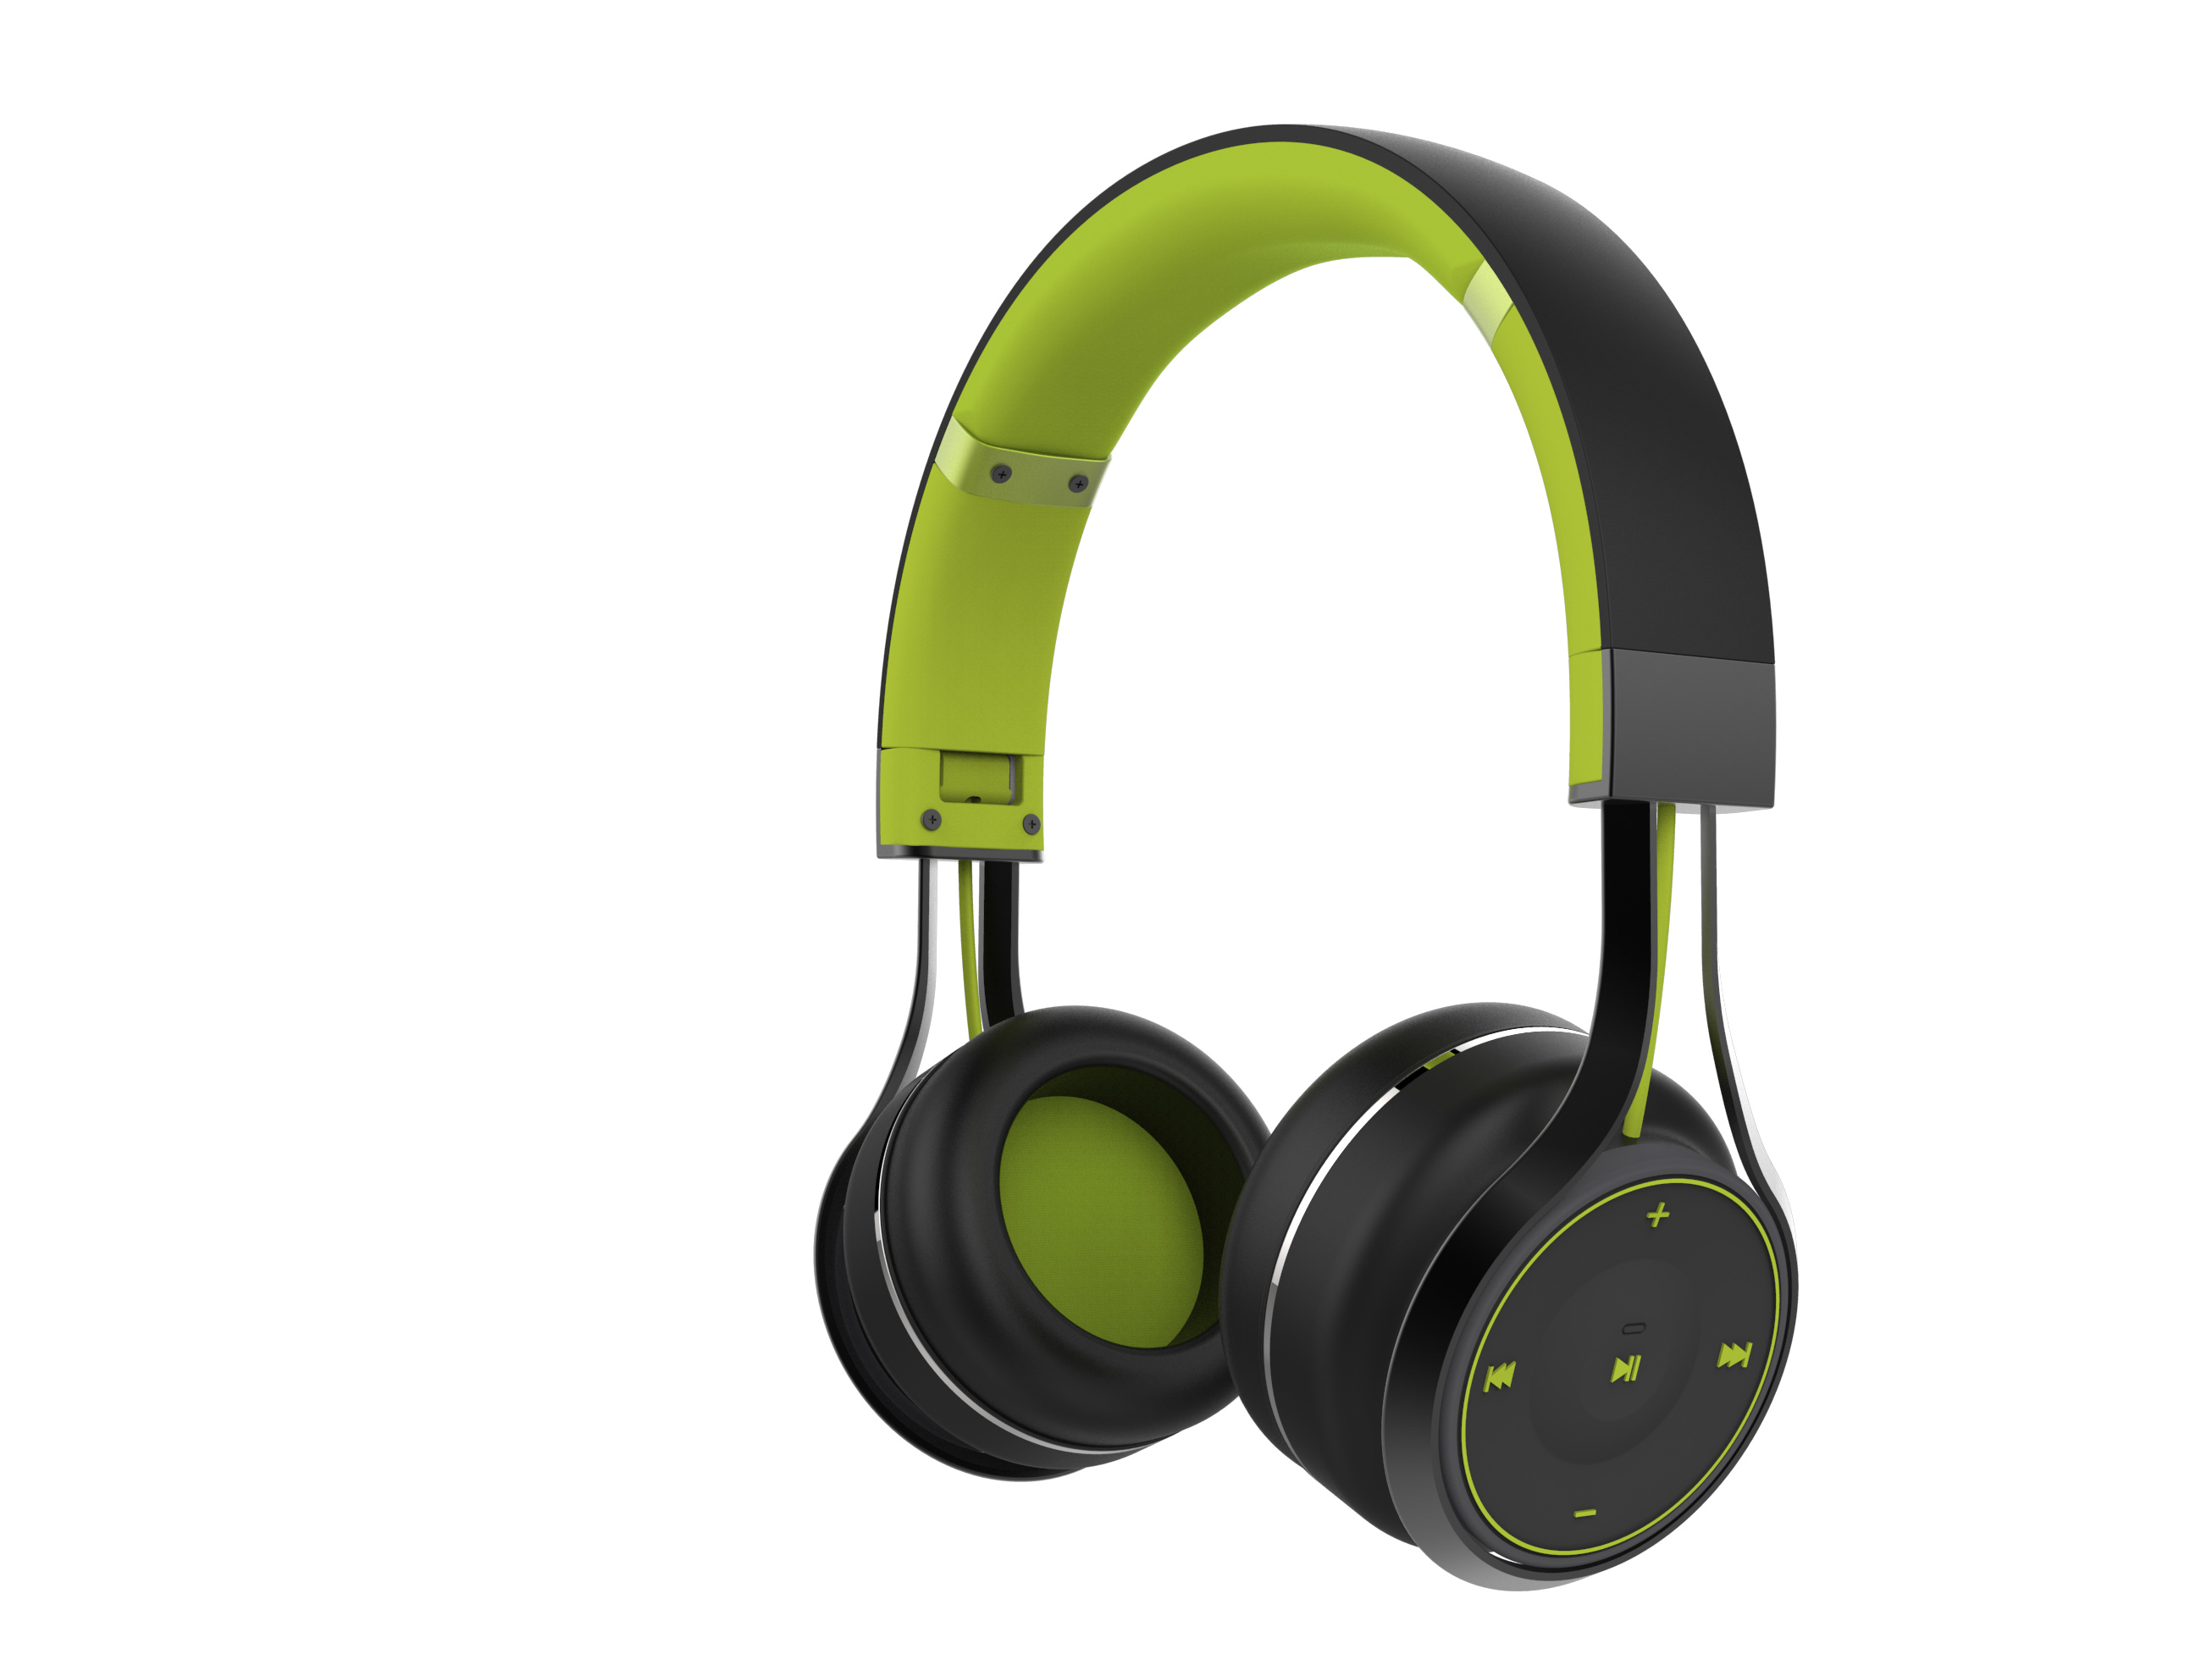 f6-mini Green+Black-1